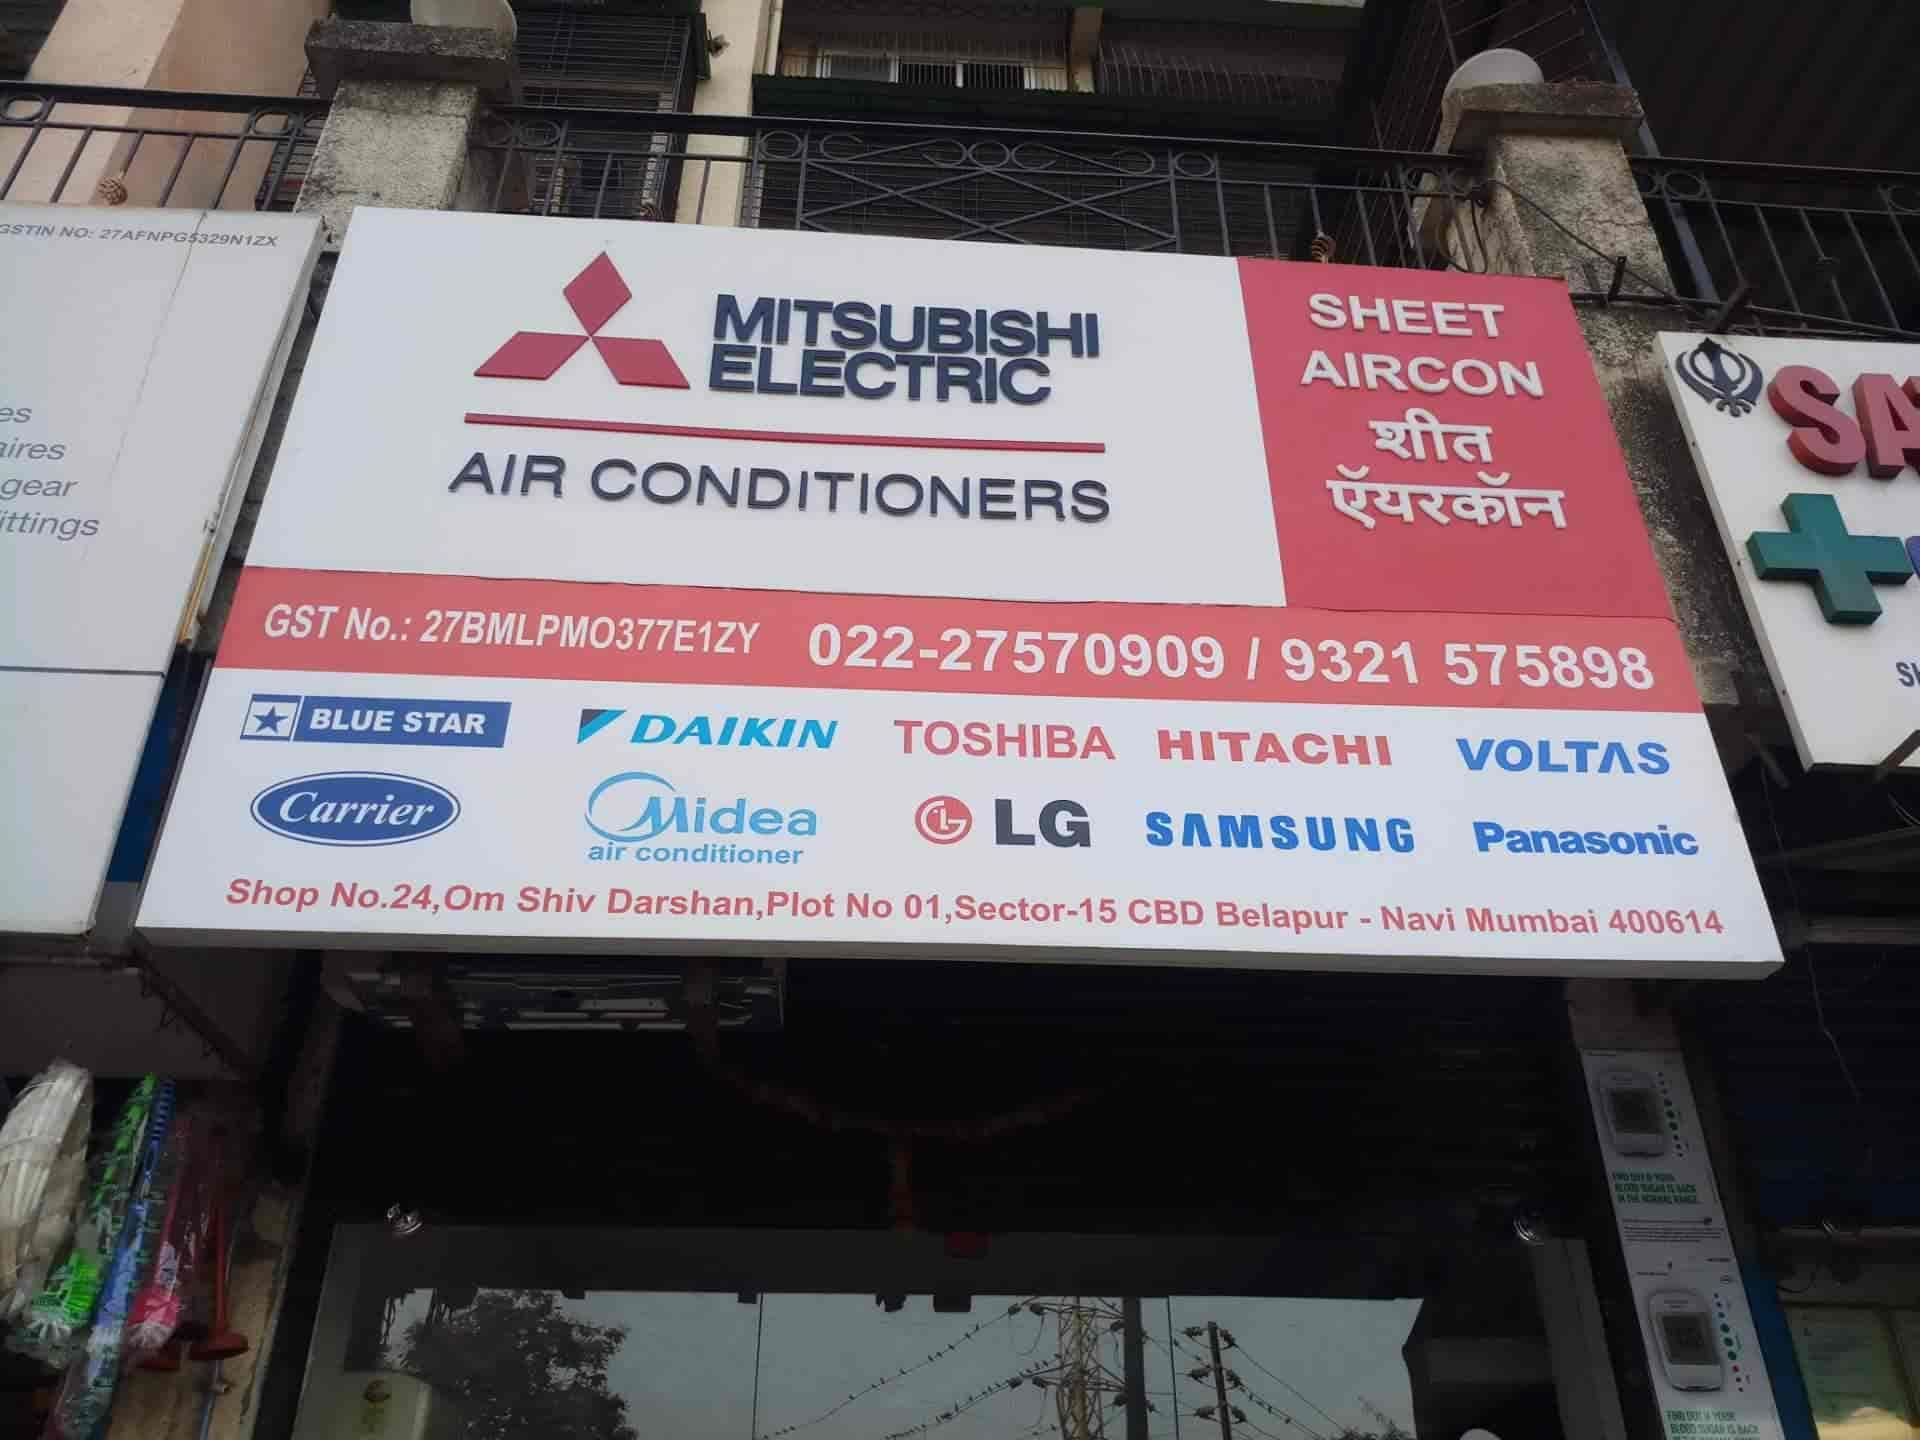 Sheet Aircon, Cbd Belapur - AC Dealers in Navi Mumbai, Mumbai - Justdial